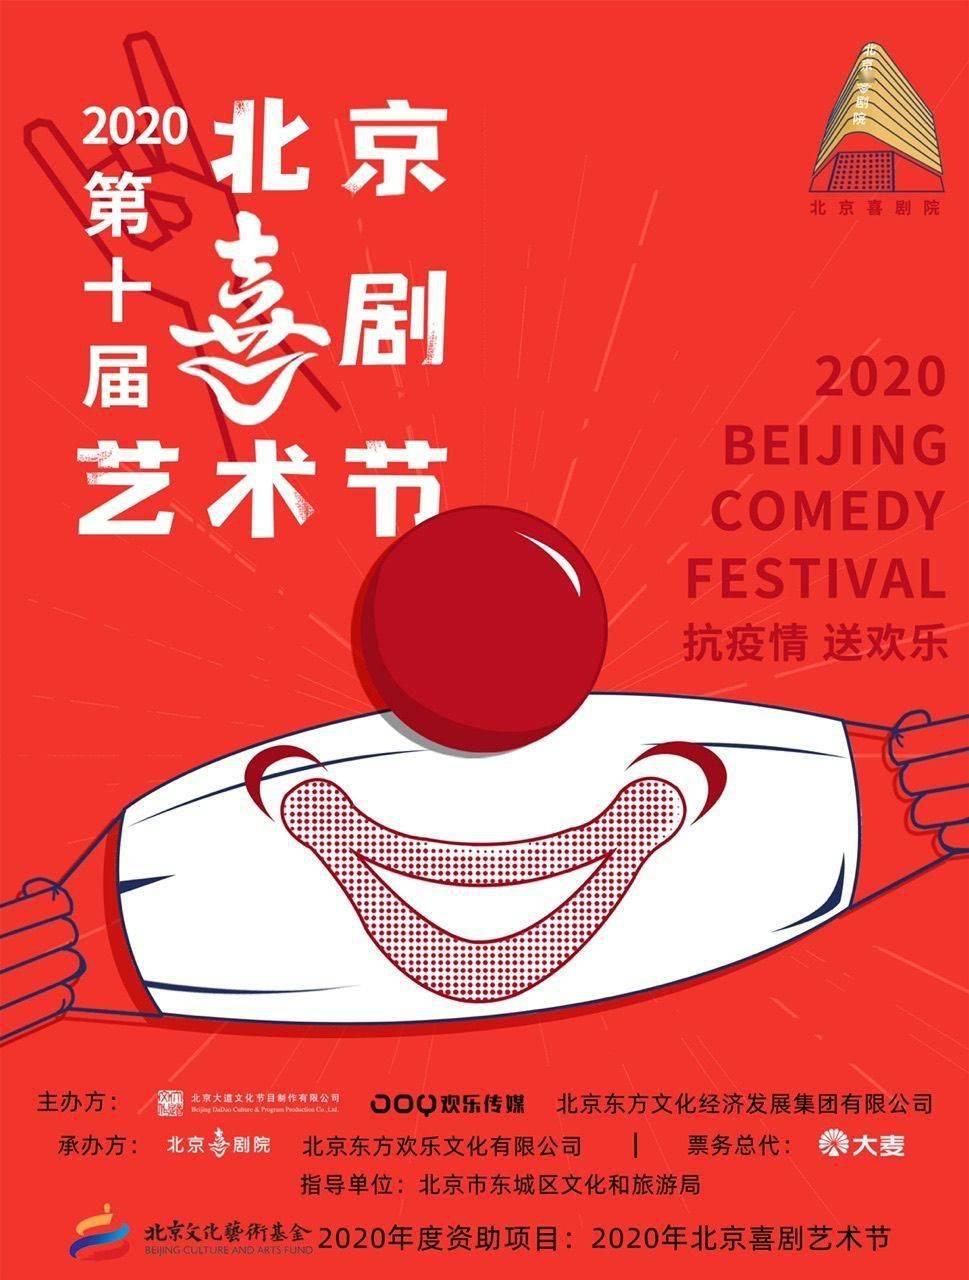 第十届北京喜剧艺术节开幕,陈佩斯父子经典喜剧将亮相